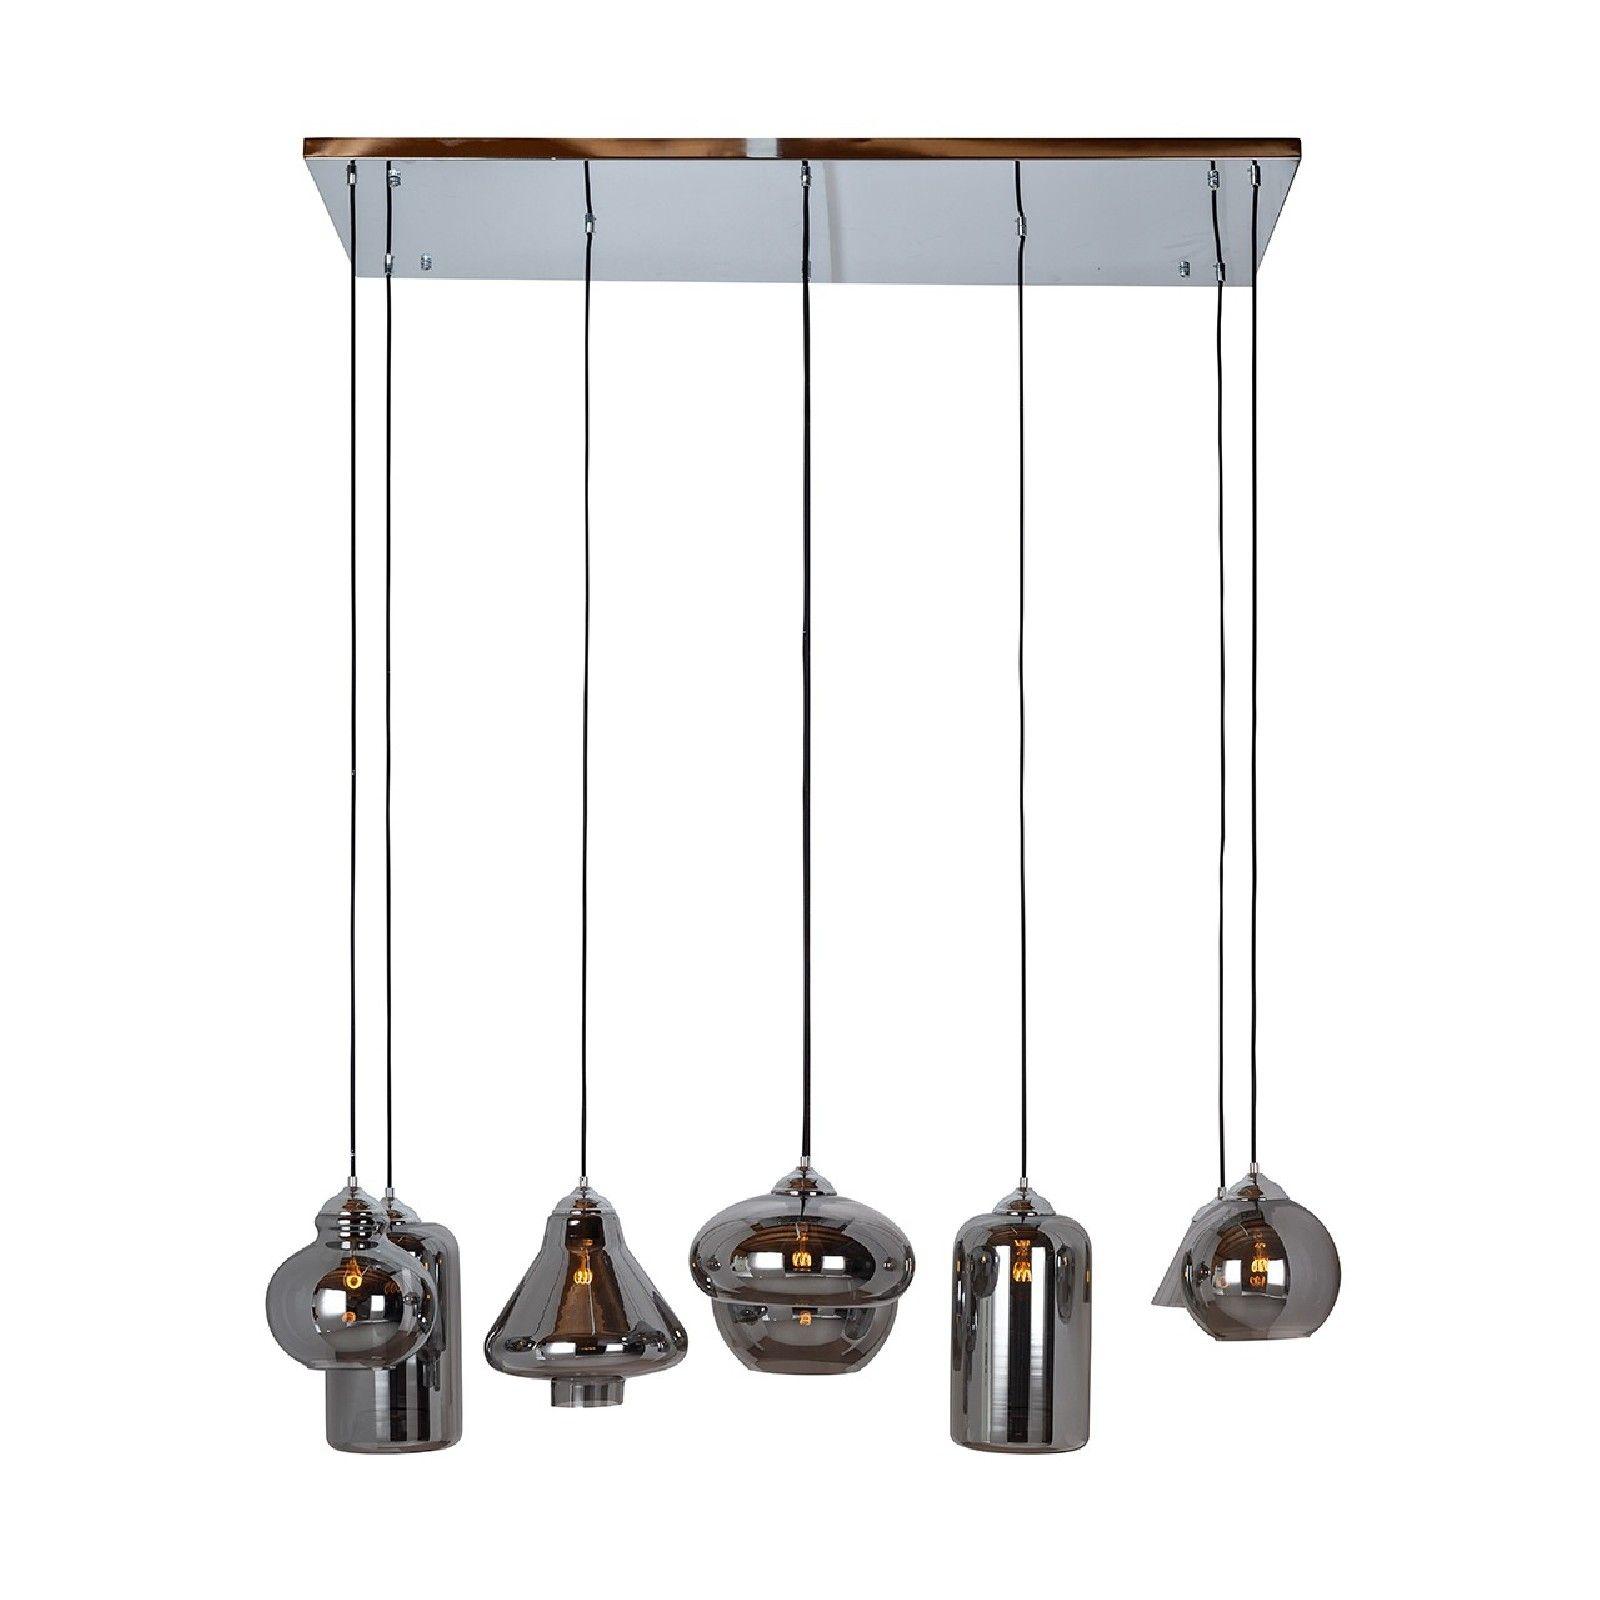 Lampe suspendue Crosley avec 8 lampes differentesE27 / 40 watt (8 pieces) Suspensions et plafonniers - 18